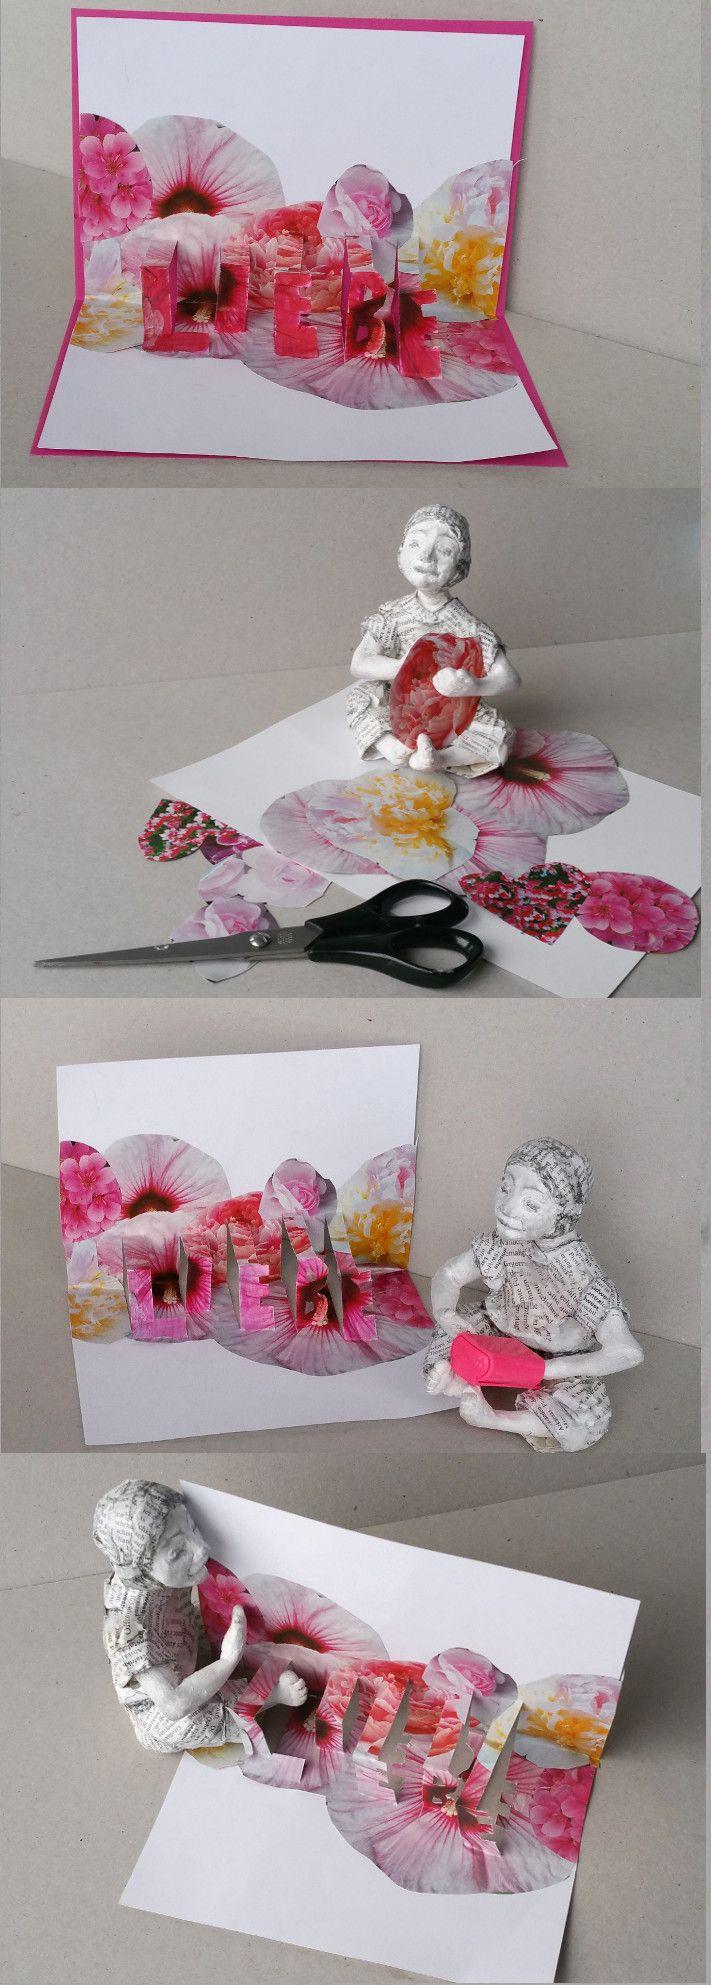 Die Pop-up Karte Liebe kannst Du zum Valentinstag oder zu jeder anderen Gelegenheit basteln, um jemandem zu sagen, dass Du ihn liebst. http://blog.dorotheakoch.de/pop-up-karte-basteln/